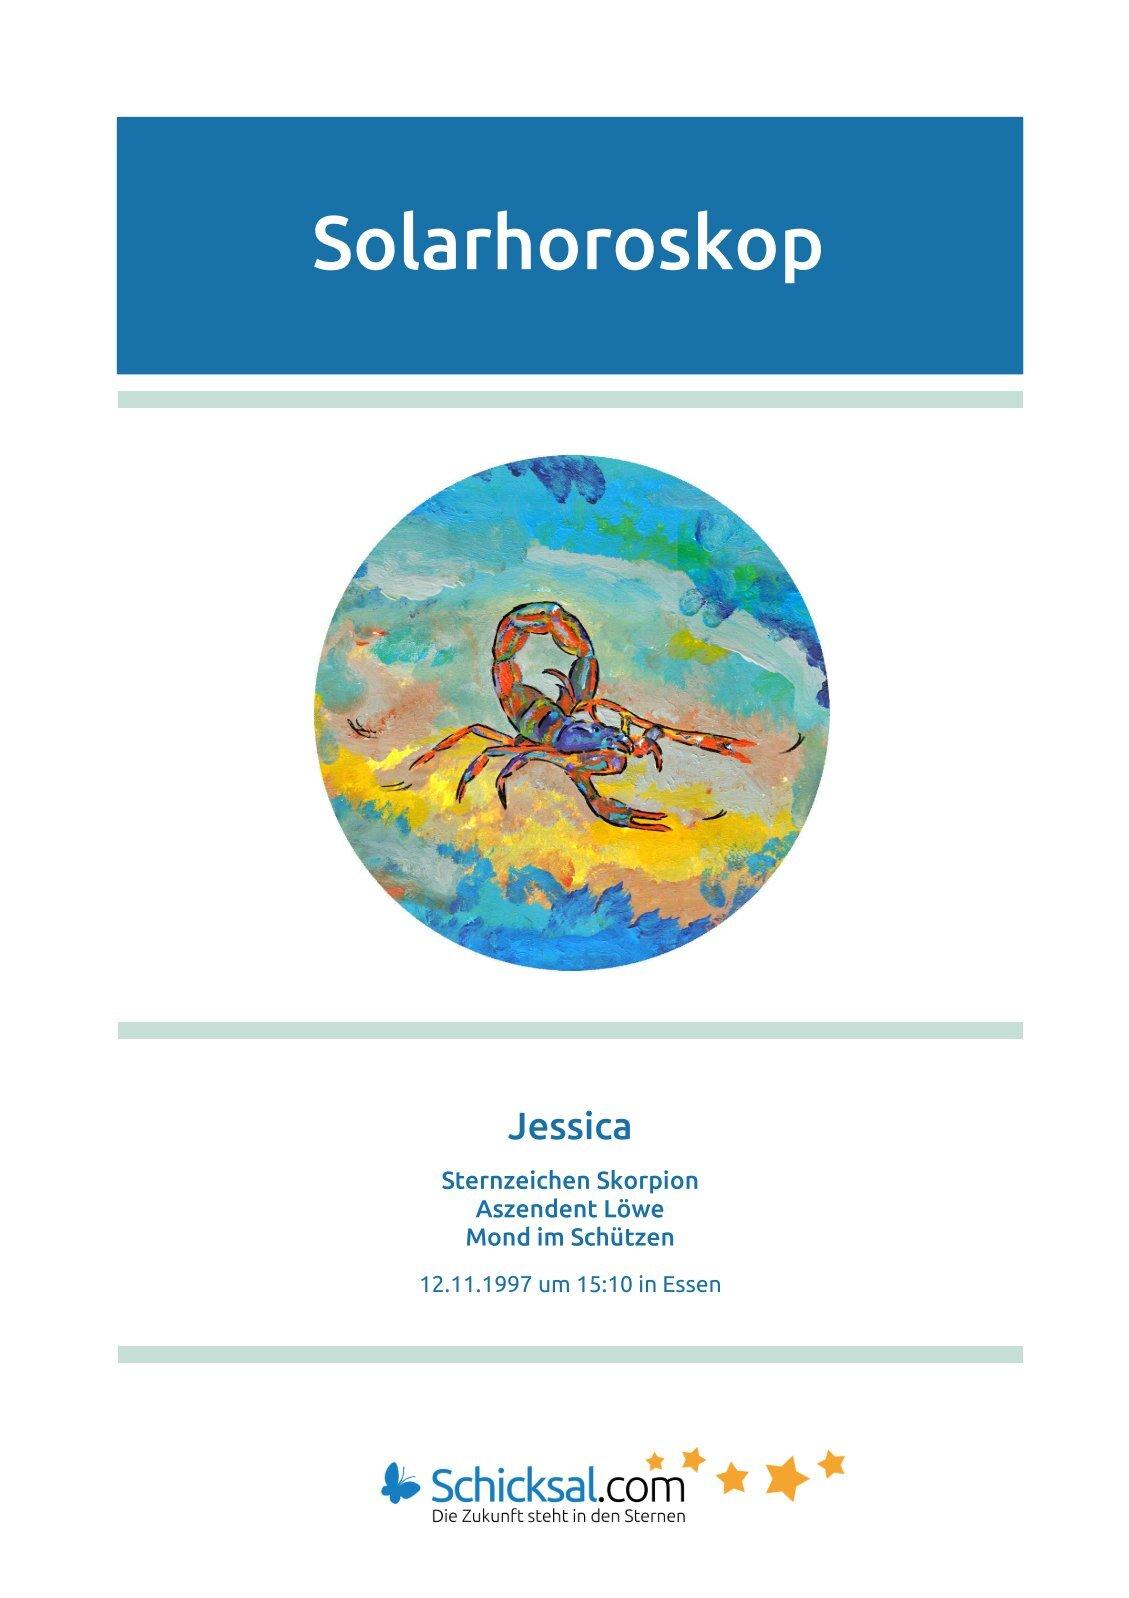 Skorpion - Solarhoroskop